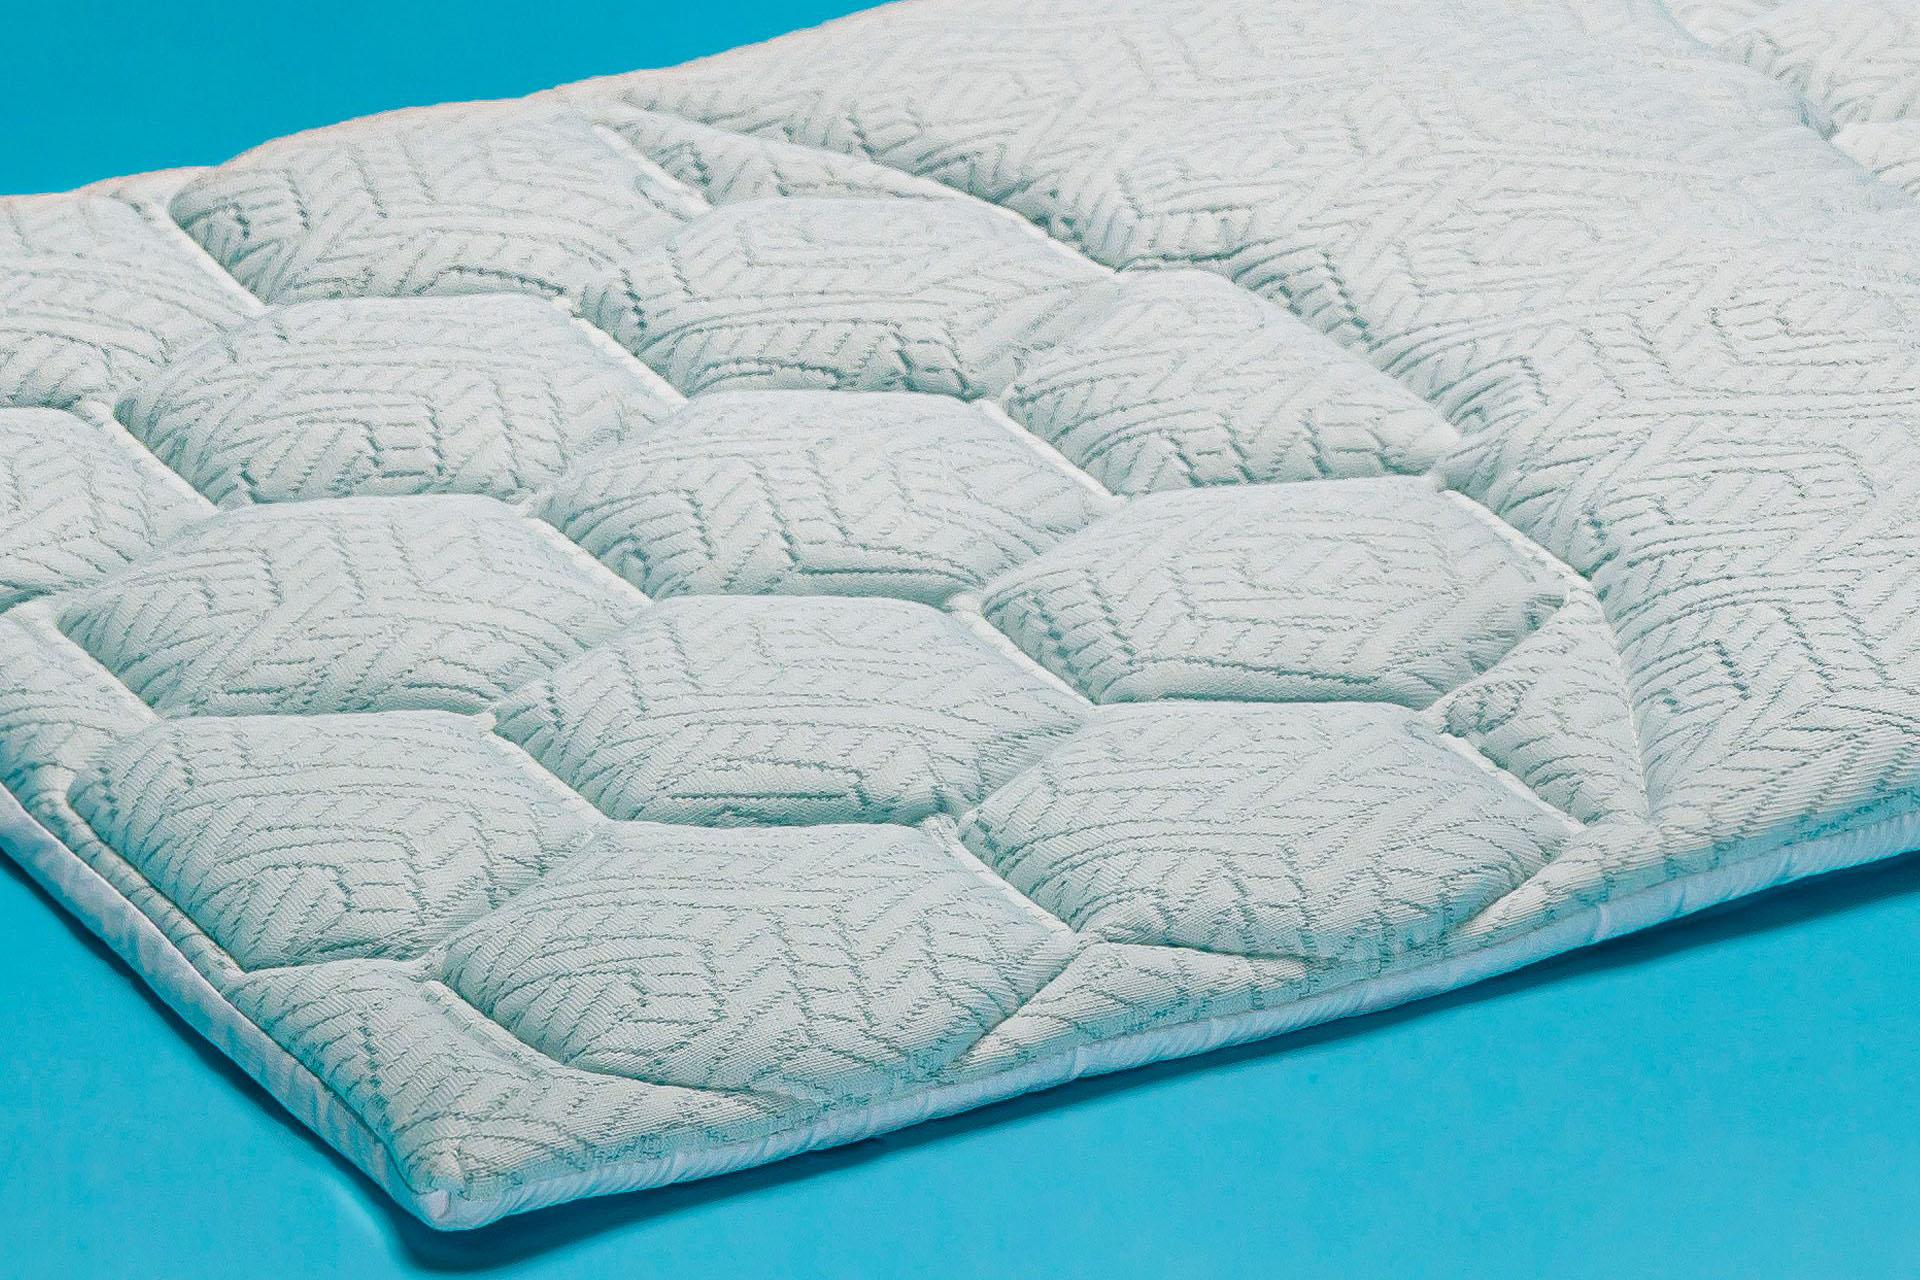 dettaglio copri cuscino in filato di carbonio